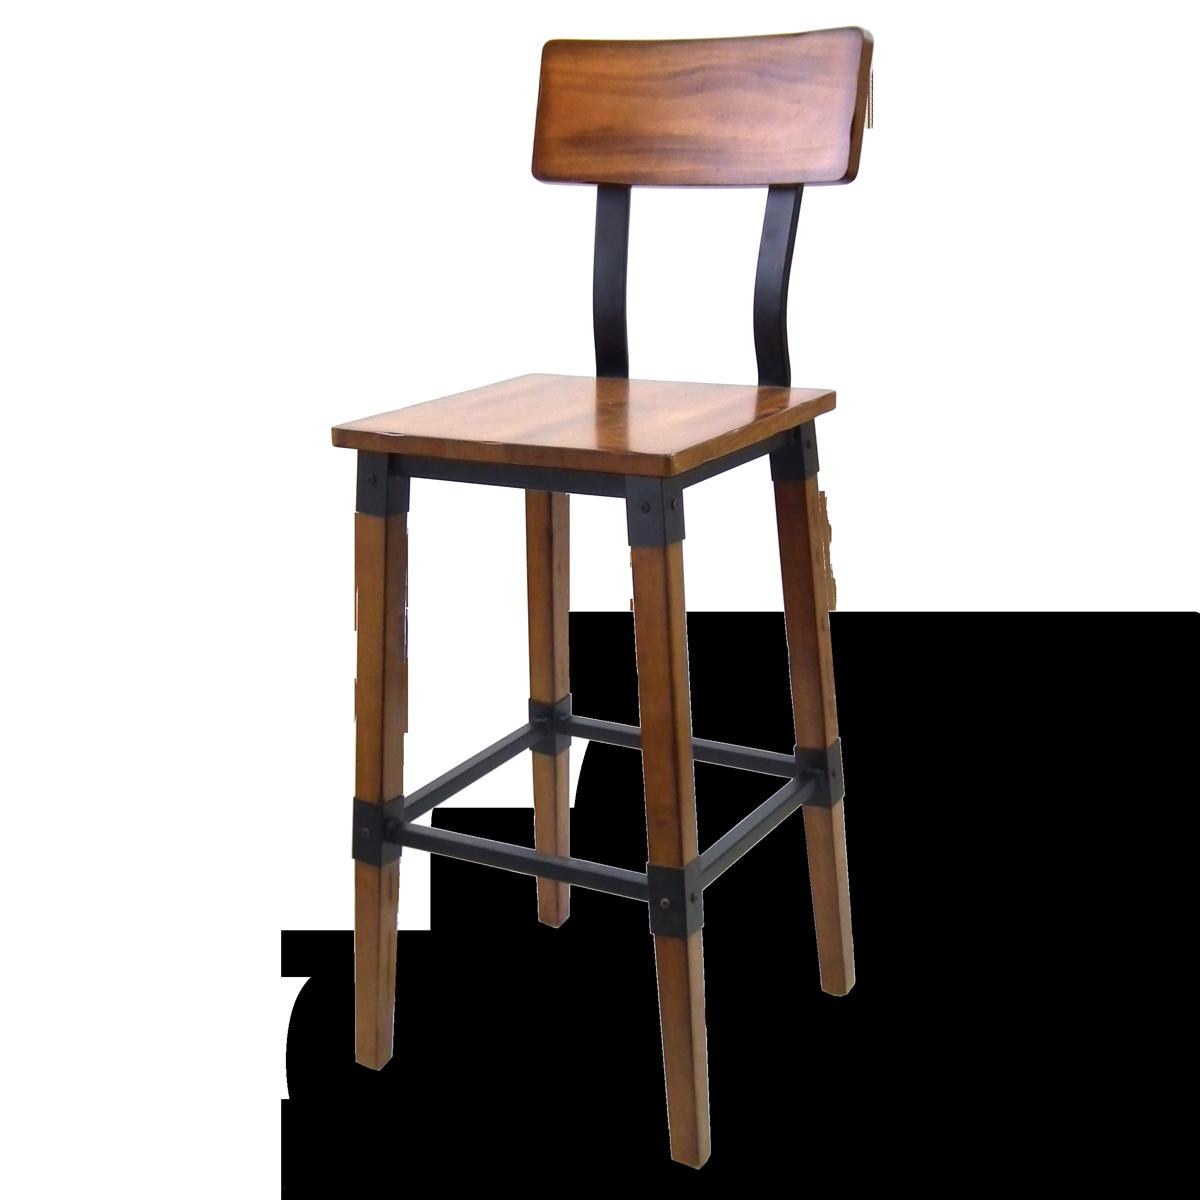 Rustic Wood & Steel Barstool